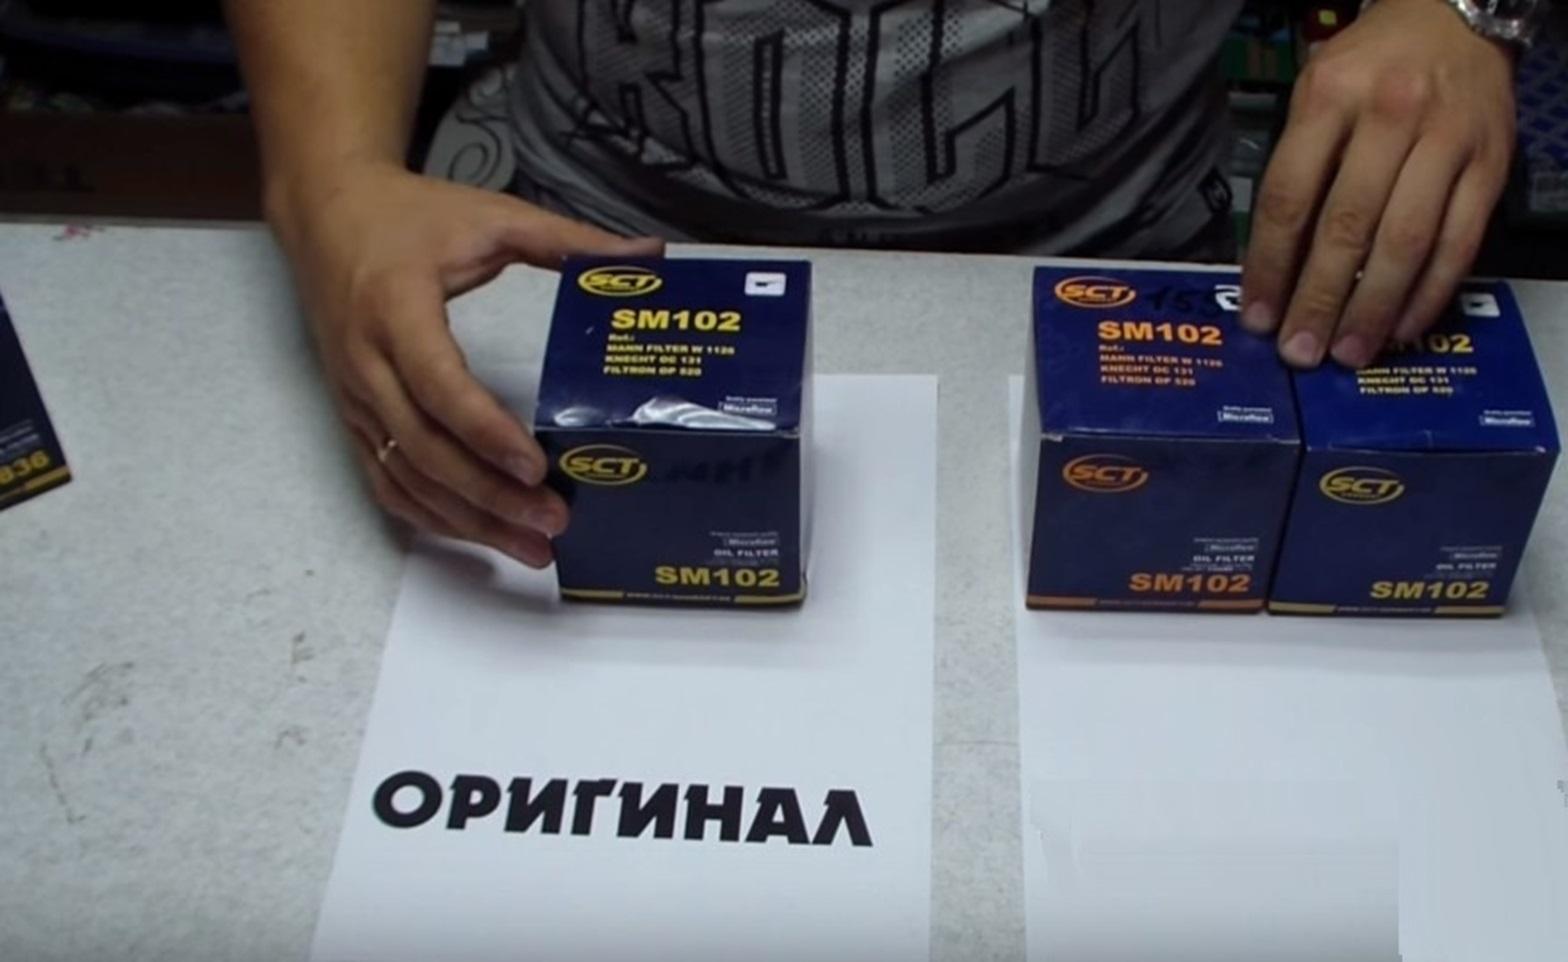 Сравнение упаковки оригинала и подделок